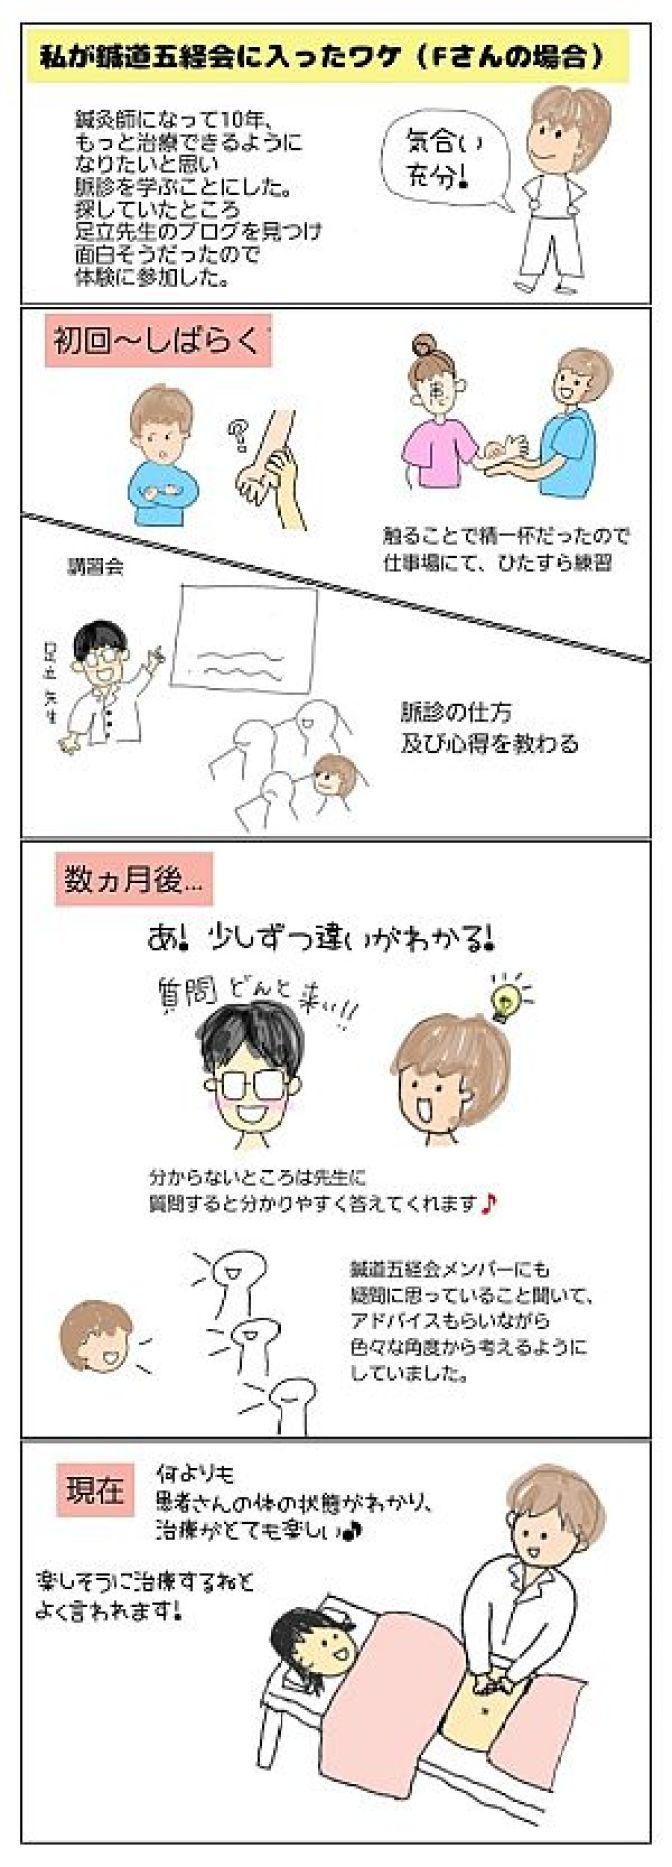 藤川先生が鍼道五経会に入ったワケ